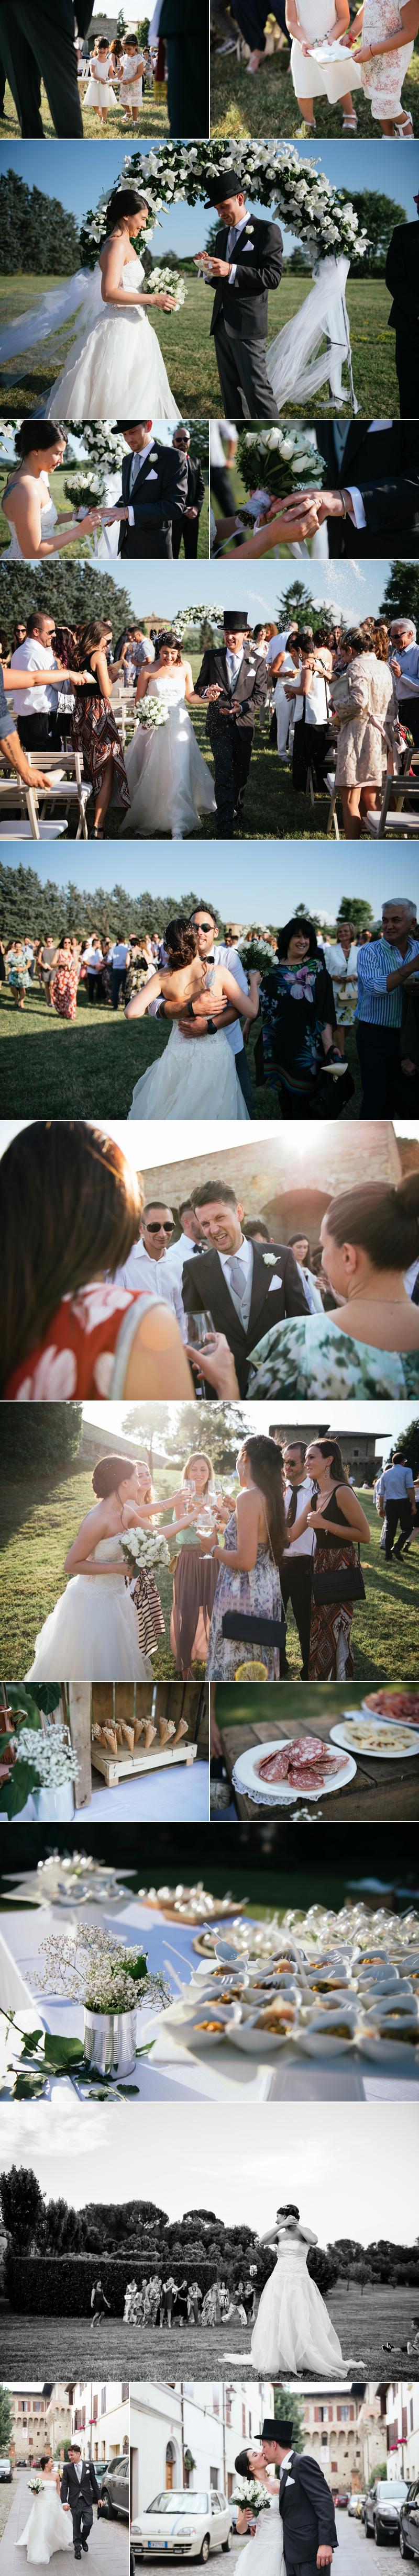 fotografo-matrimonio-castello-capitano-artiglierie-chateau-terra-del-sole-4